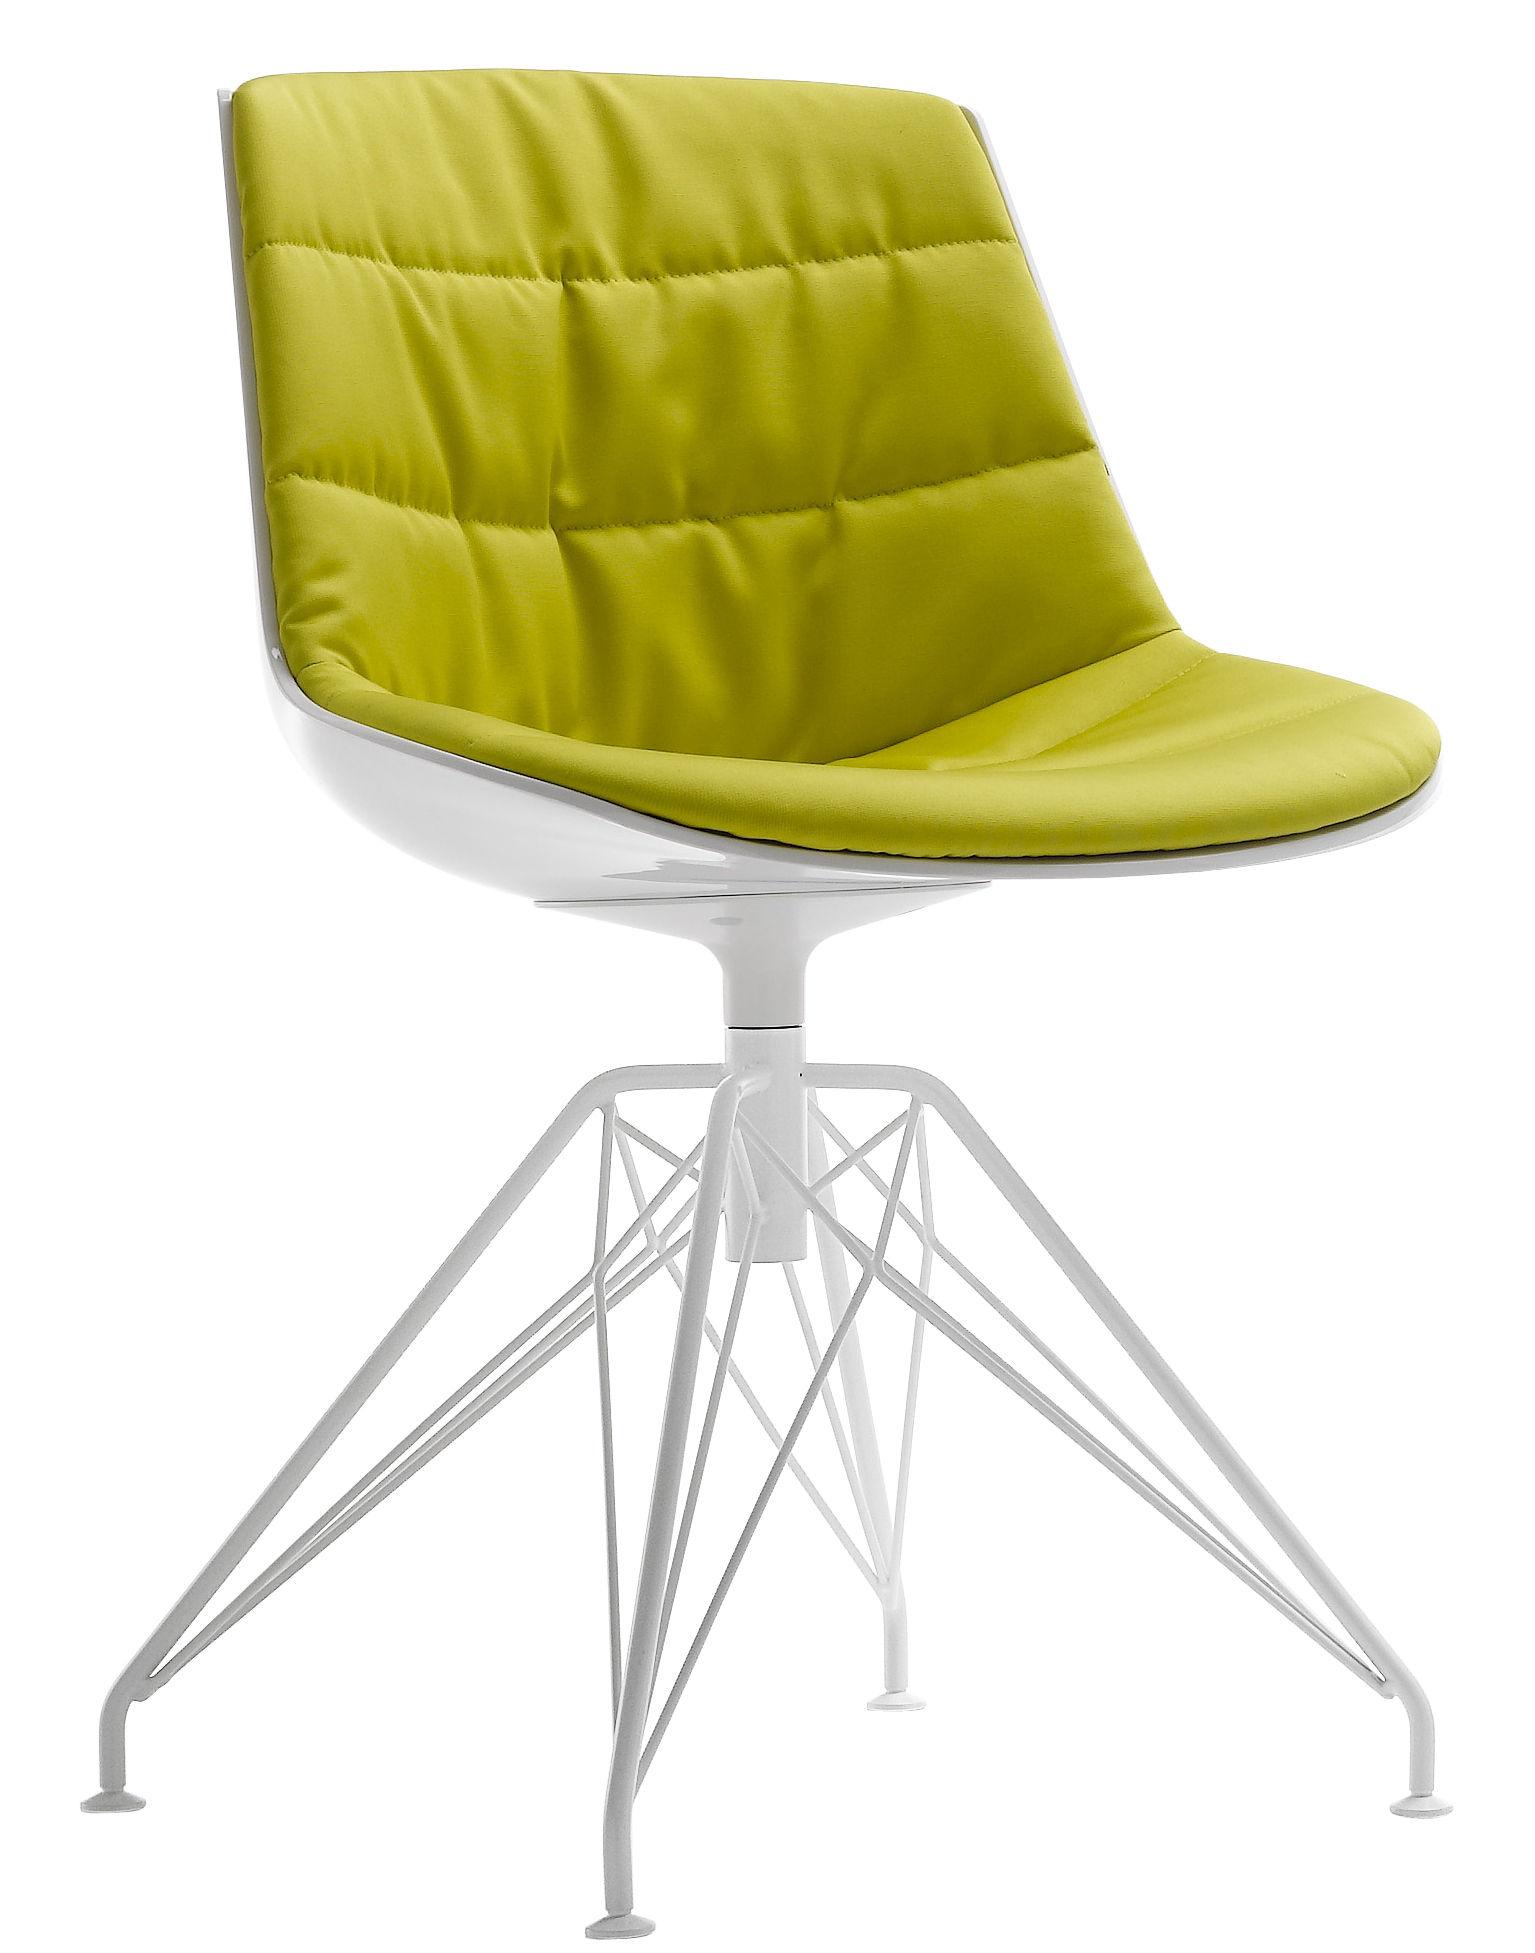 Chaise pivotante flow rembourr e 4 pieds lem tissu for Chaise rembourree blanche